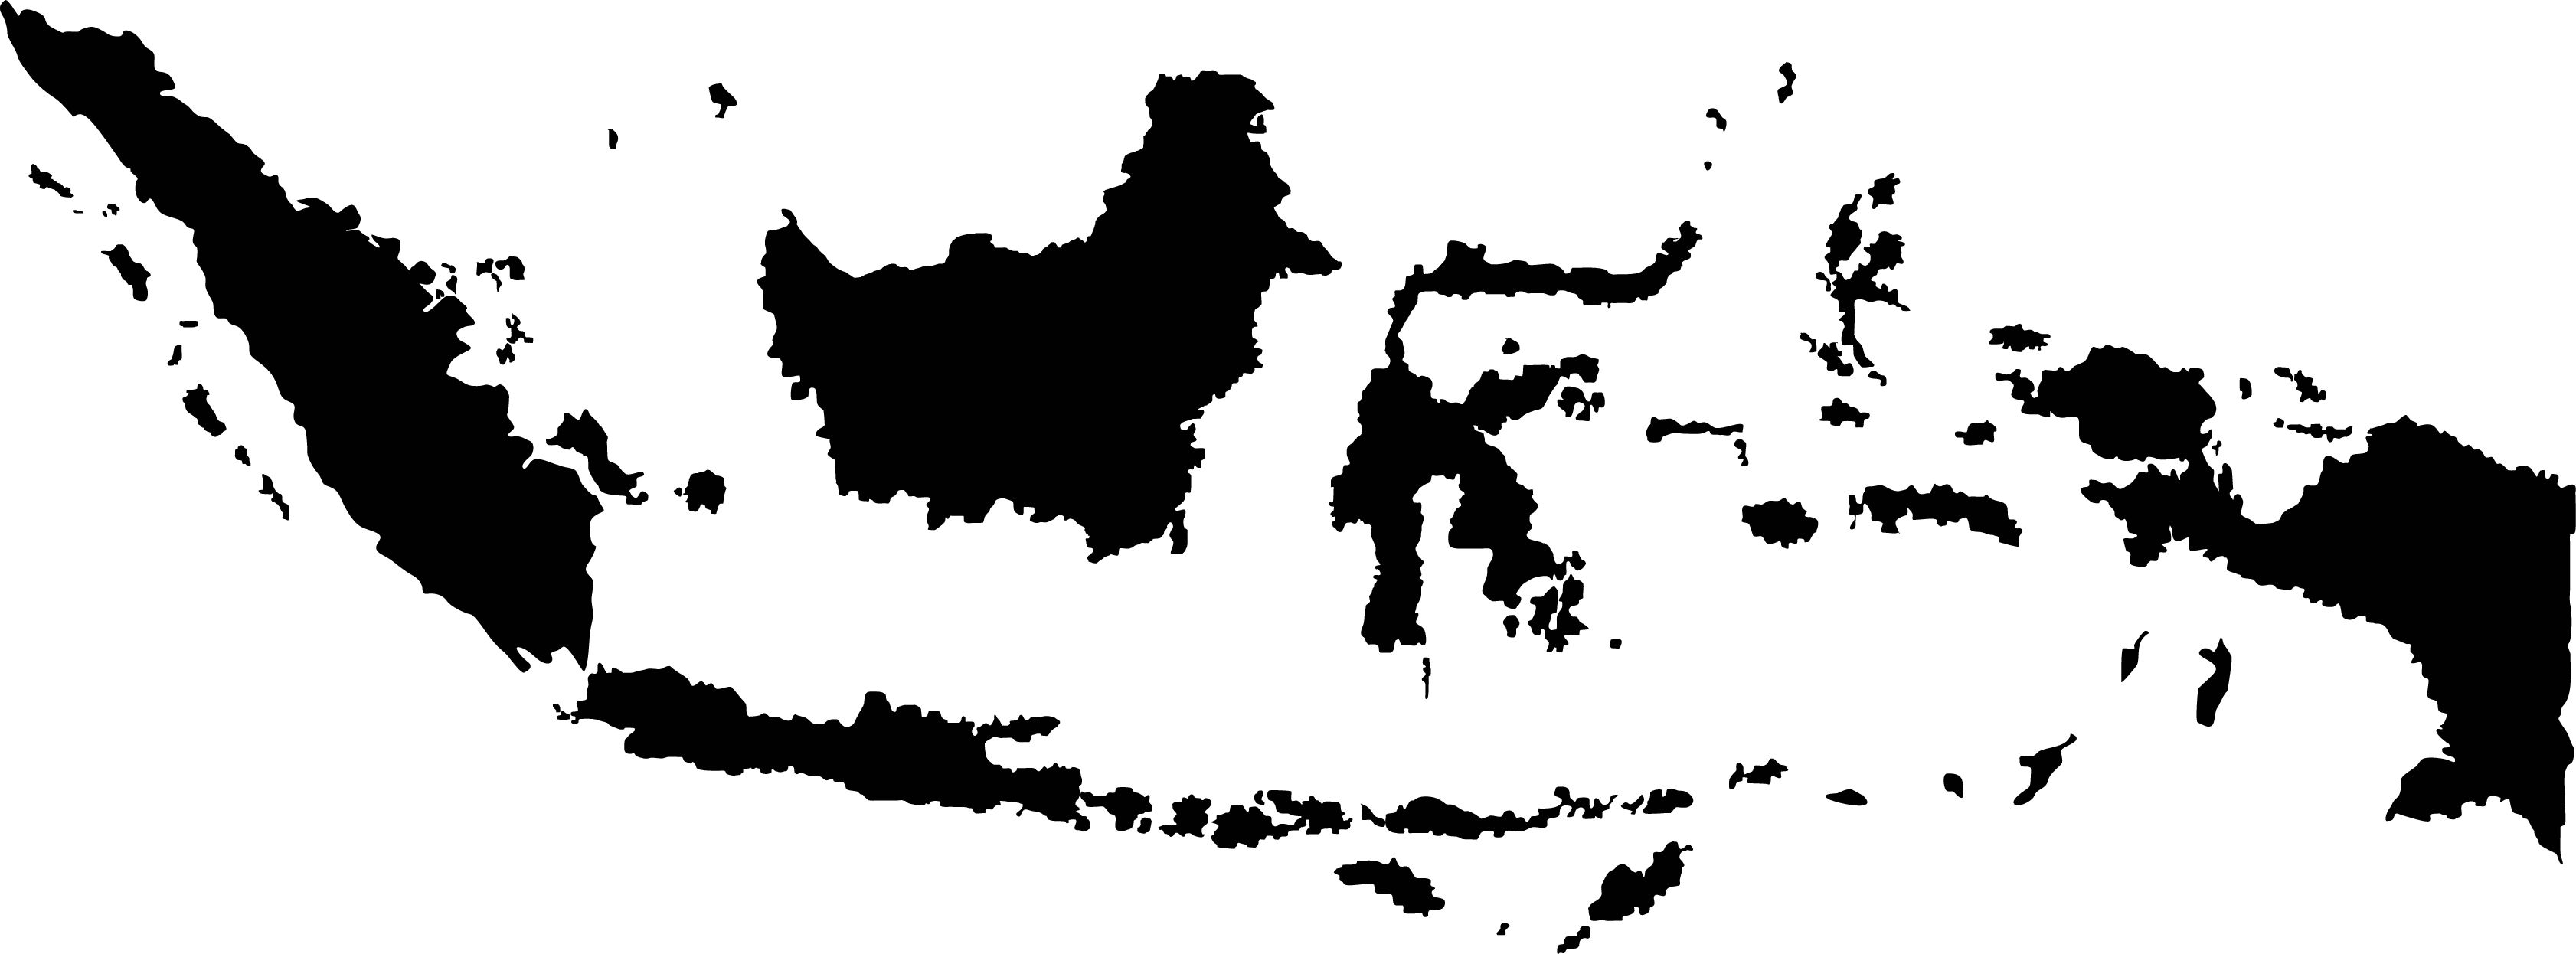 Peta Indonesia Vector Download Corel Draw Hadidaru Pinterest Gambar Pulau